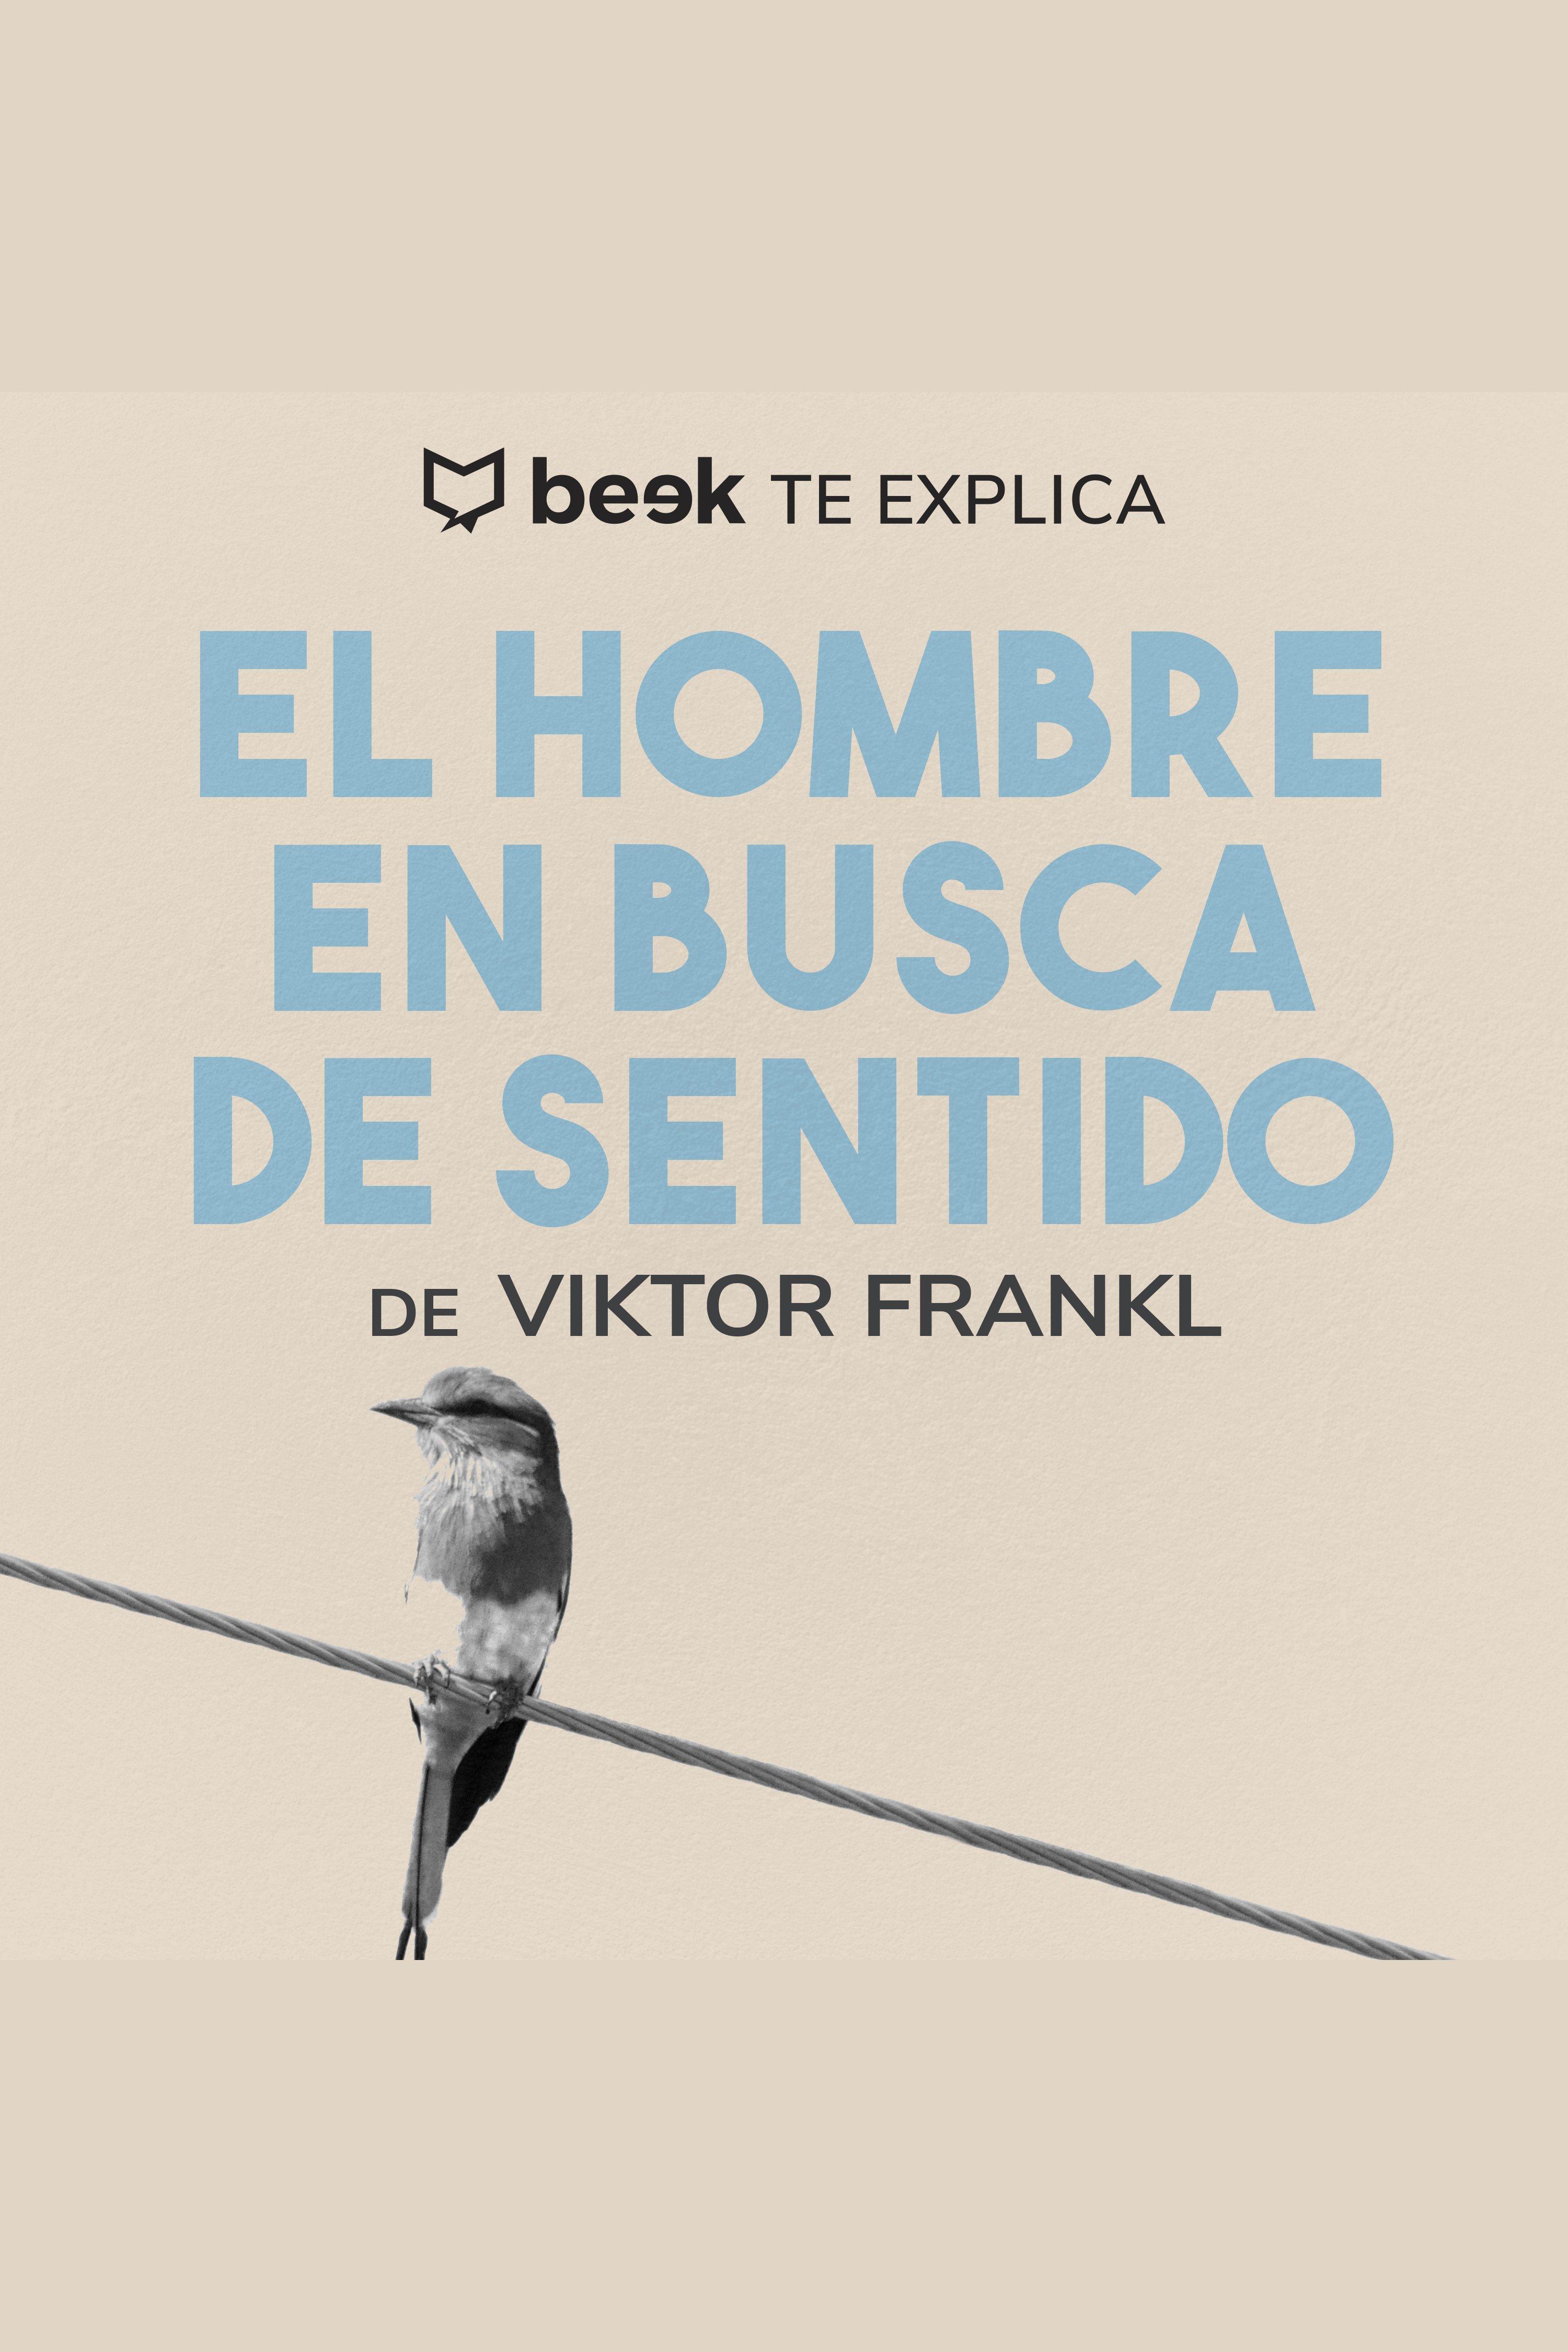 Esta es la portada del audiolibro El hombre en busca de sentido… Beek te explica